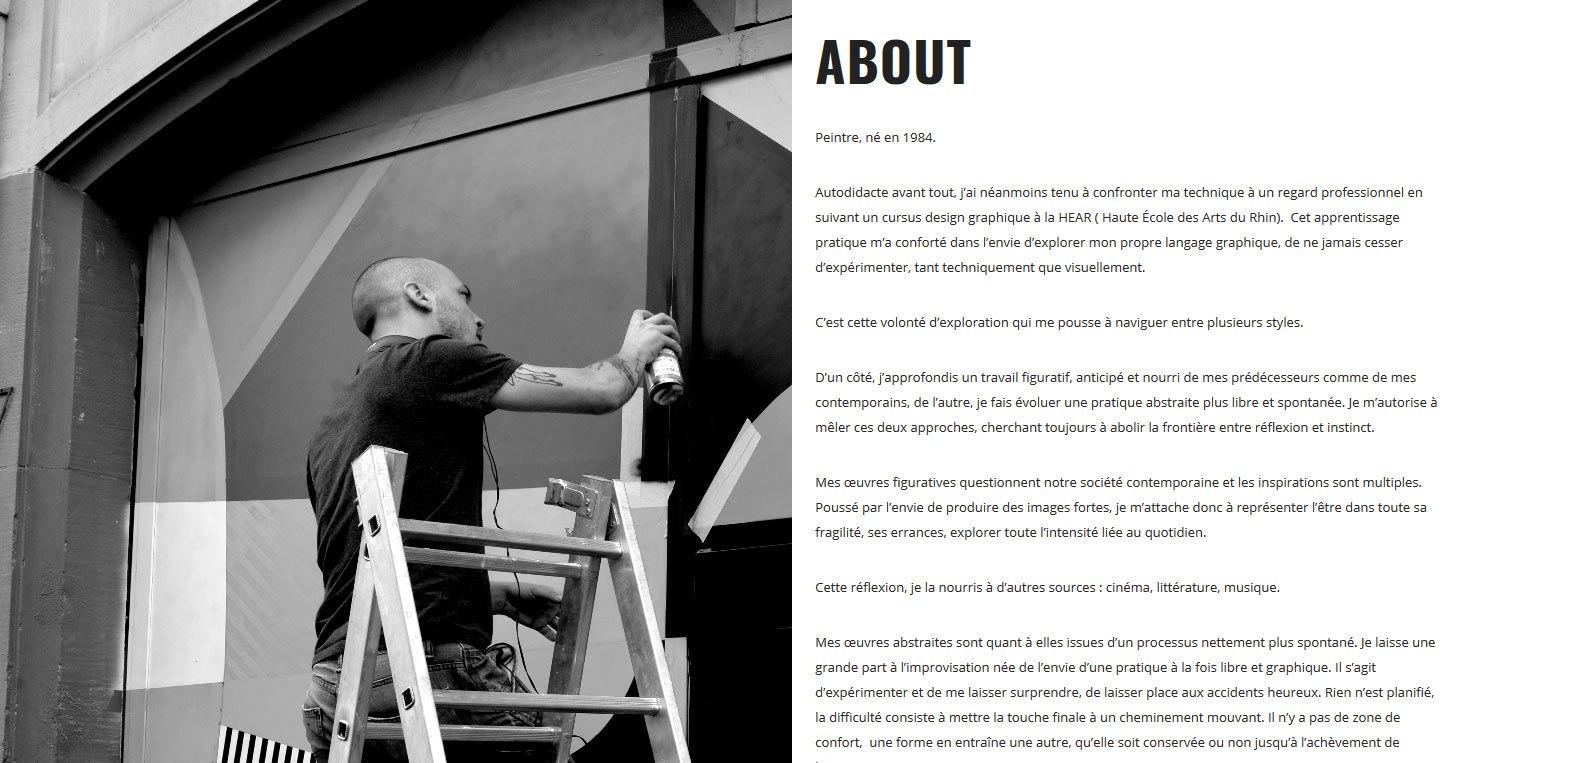 Présentation de Nicolas Blind. Artiste peintre, client Karedess, agence web situé à Mulhouse.